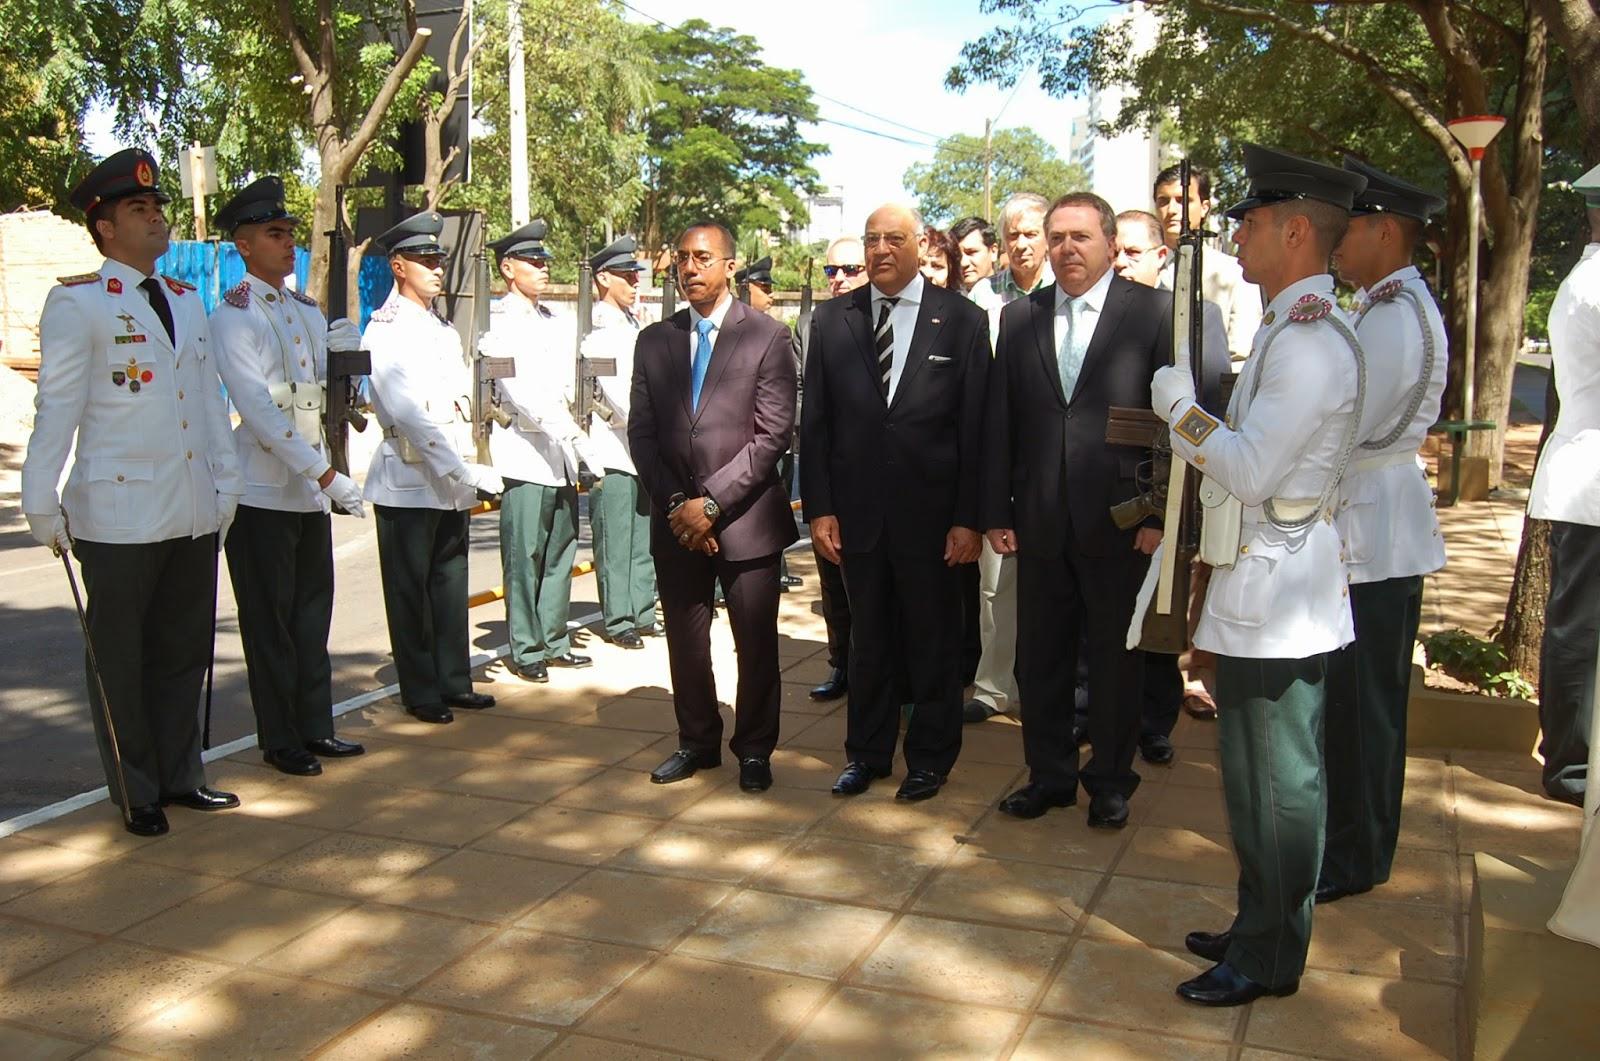 Embajada Dominicana en Paraguay celebra 202 natalicio del Padre de la Patria